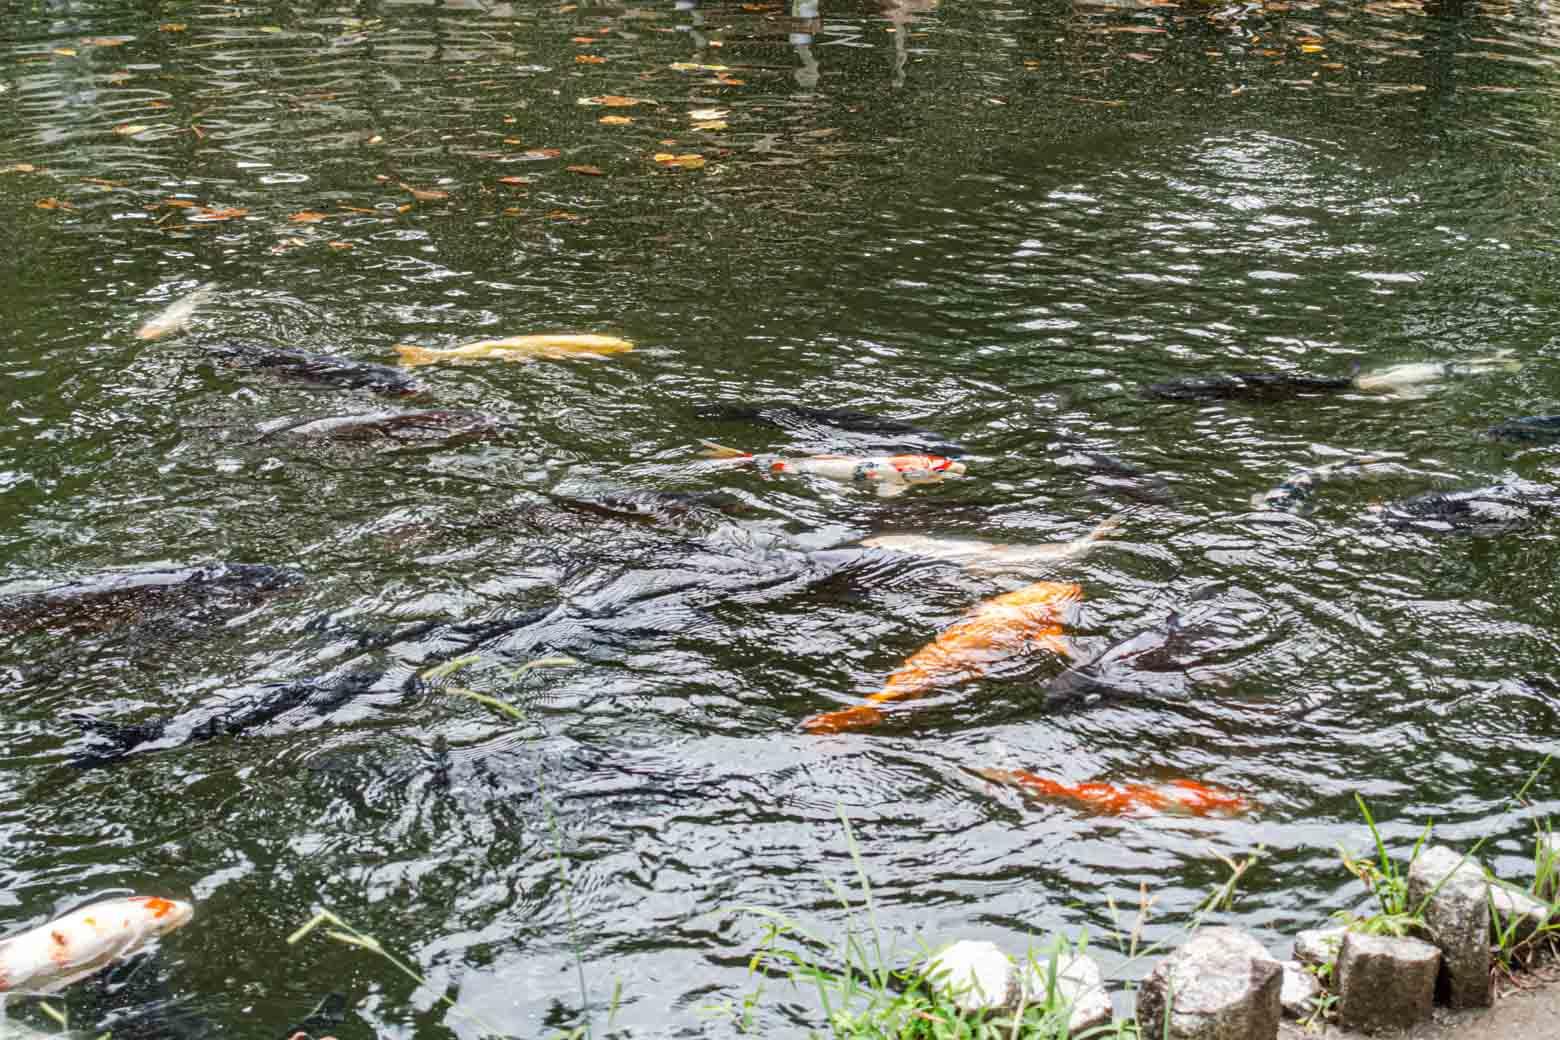 鯉がたくさんいました。写真を見返しているときに気がついたのですが、右下にウルトラマン柄の鯉がいますね。